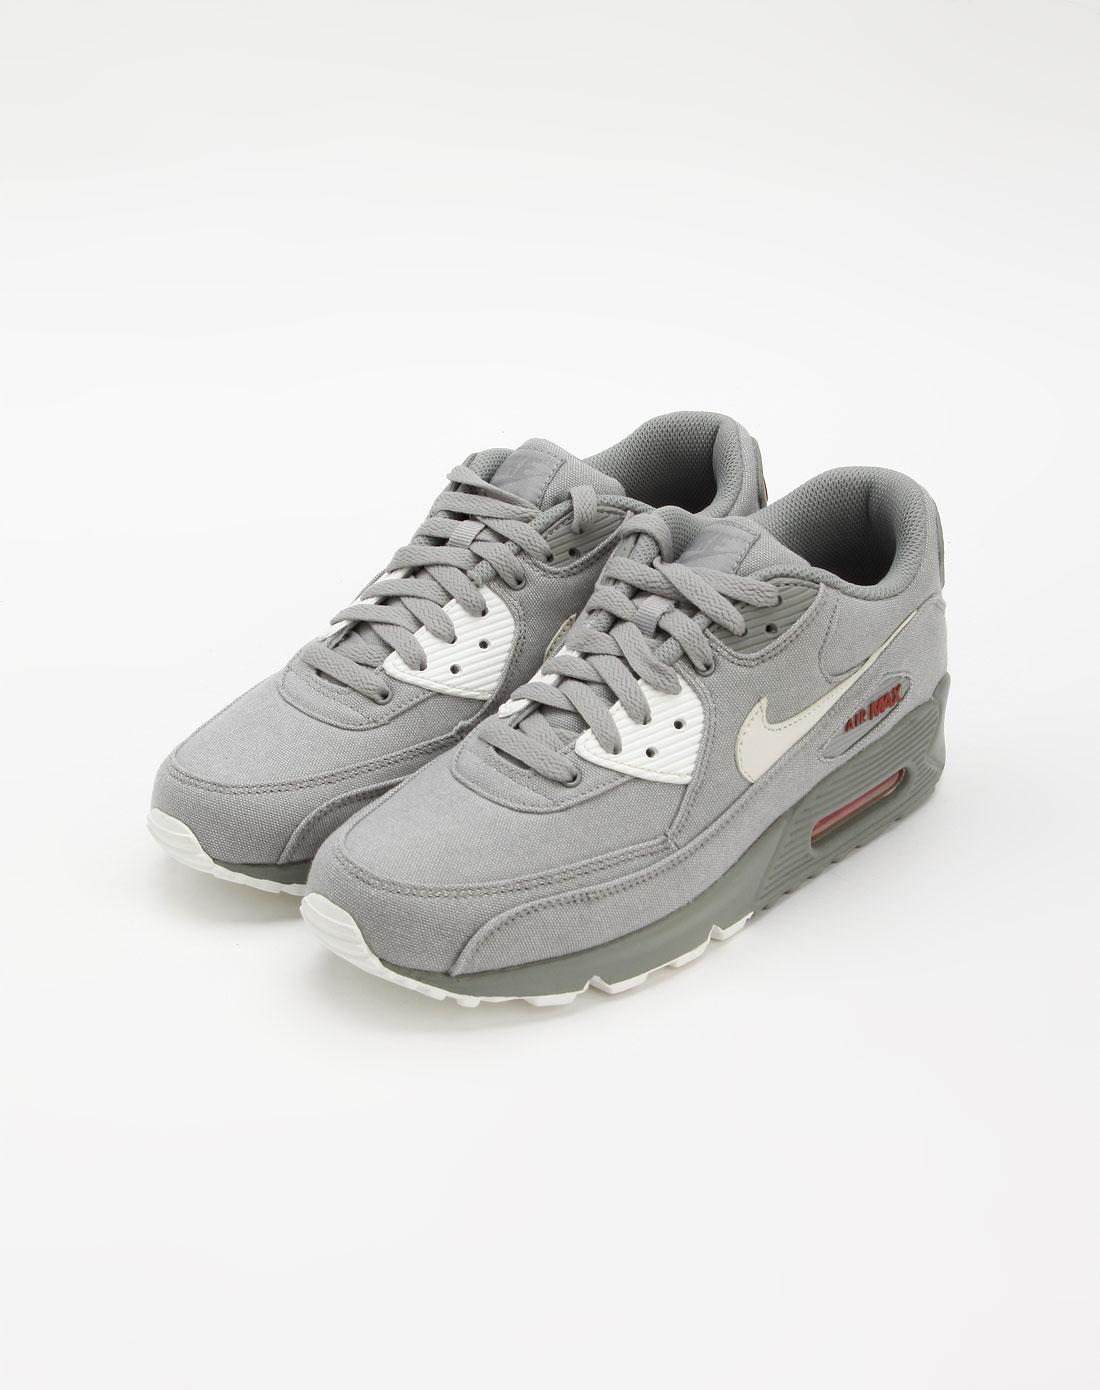 耐克nike灰/白色气垫运动鞋345188-003